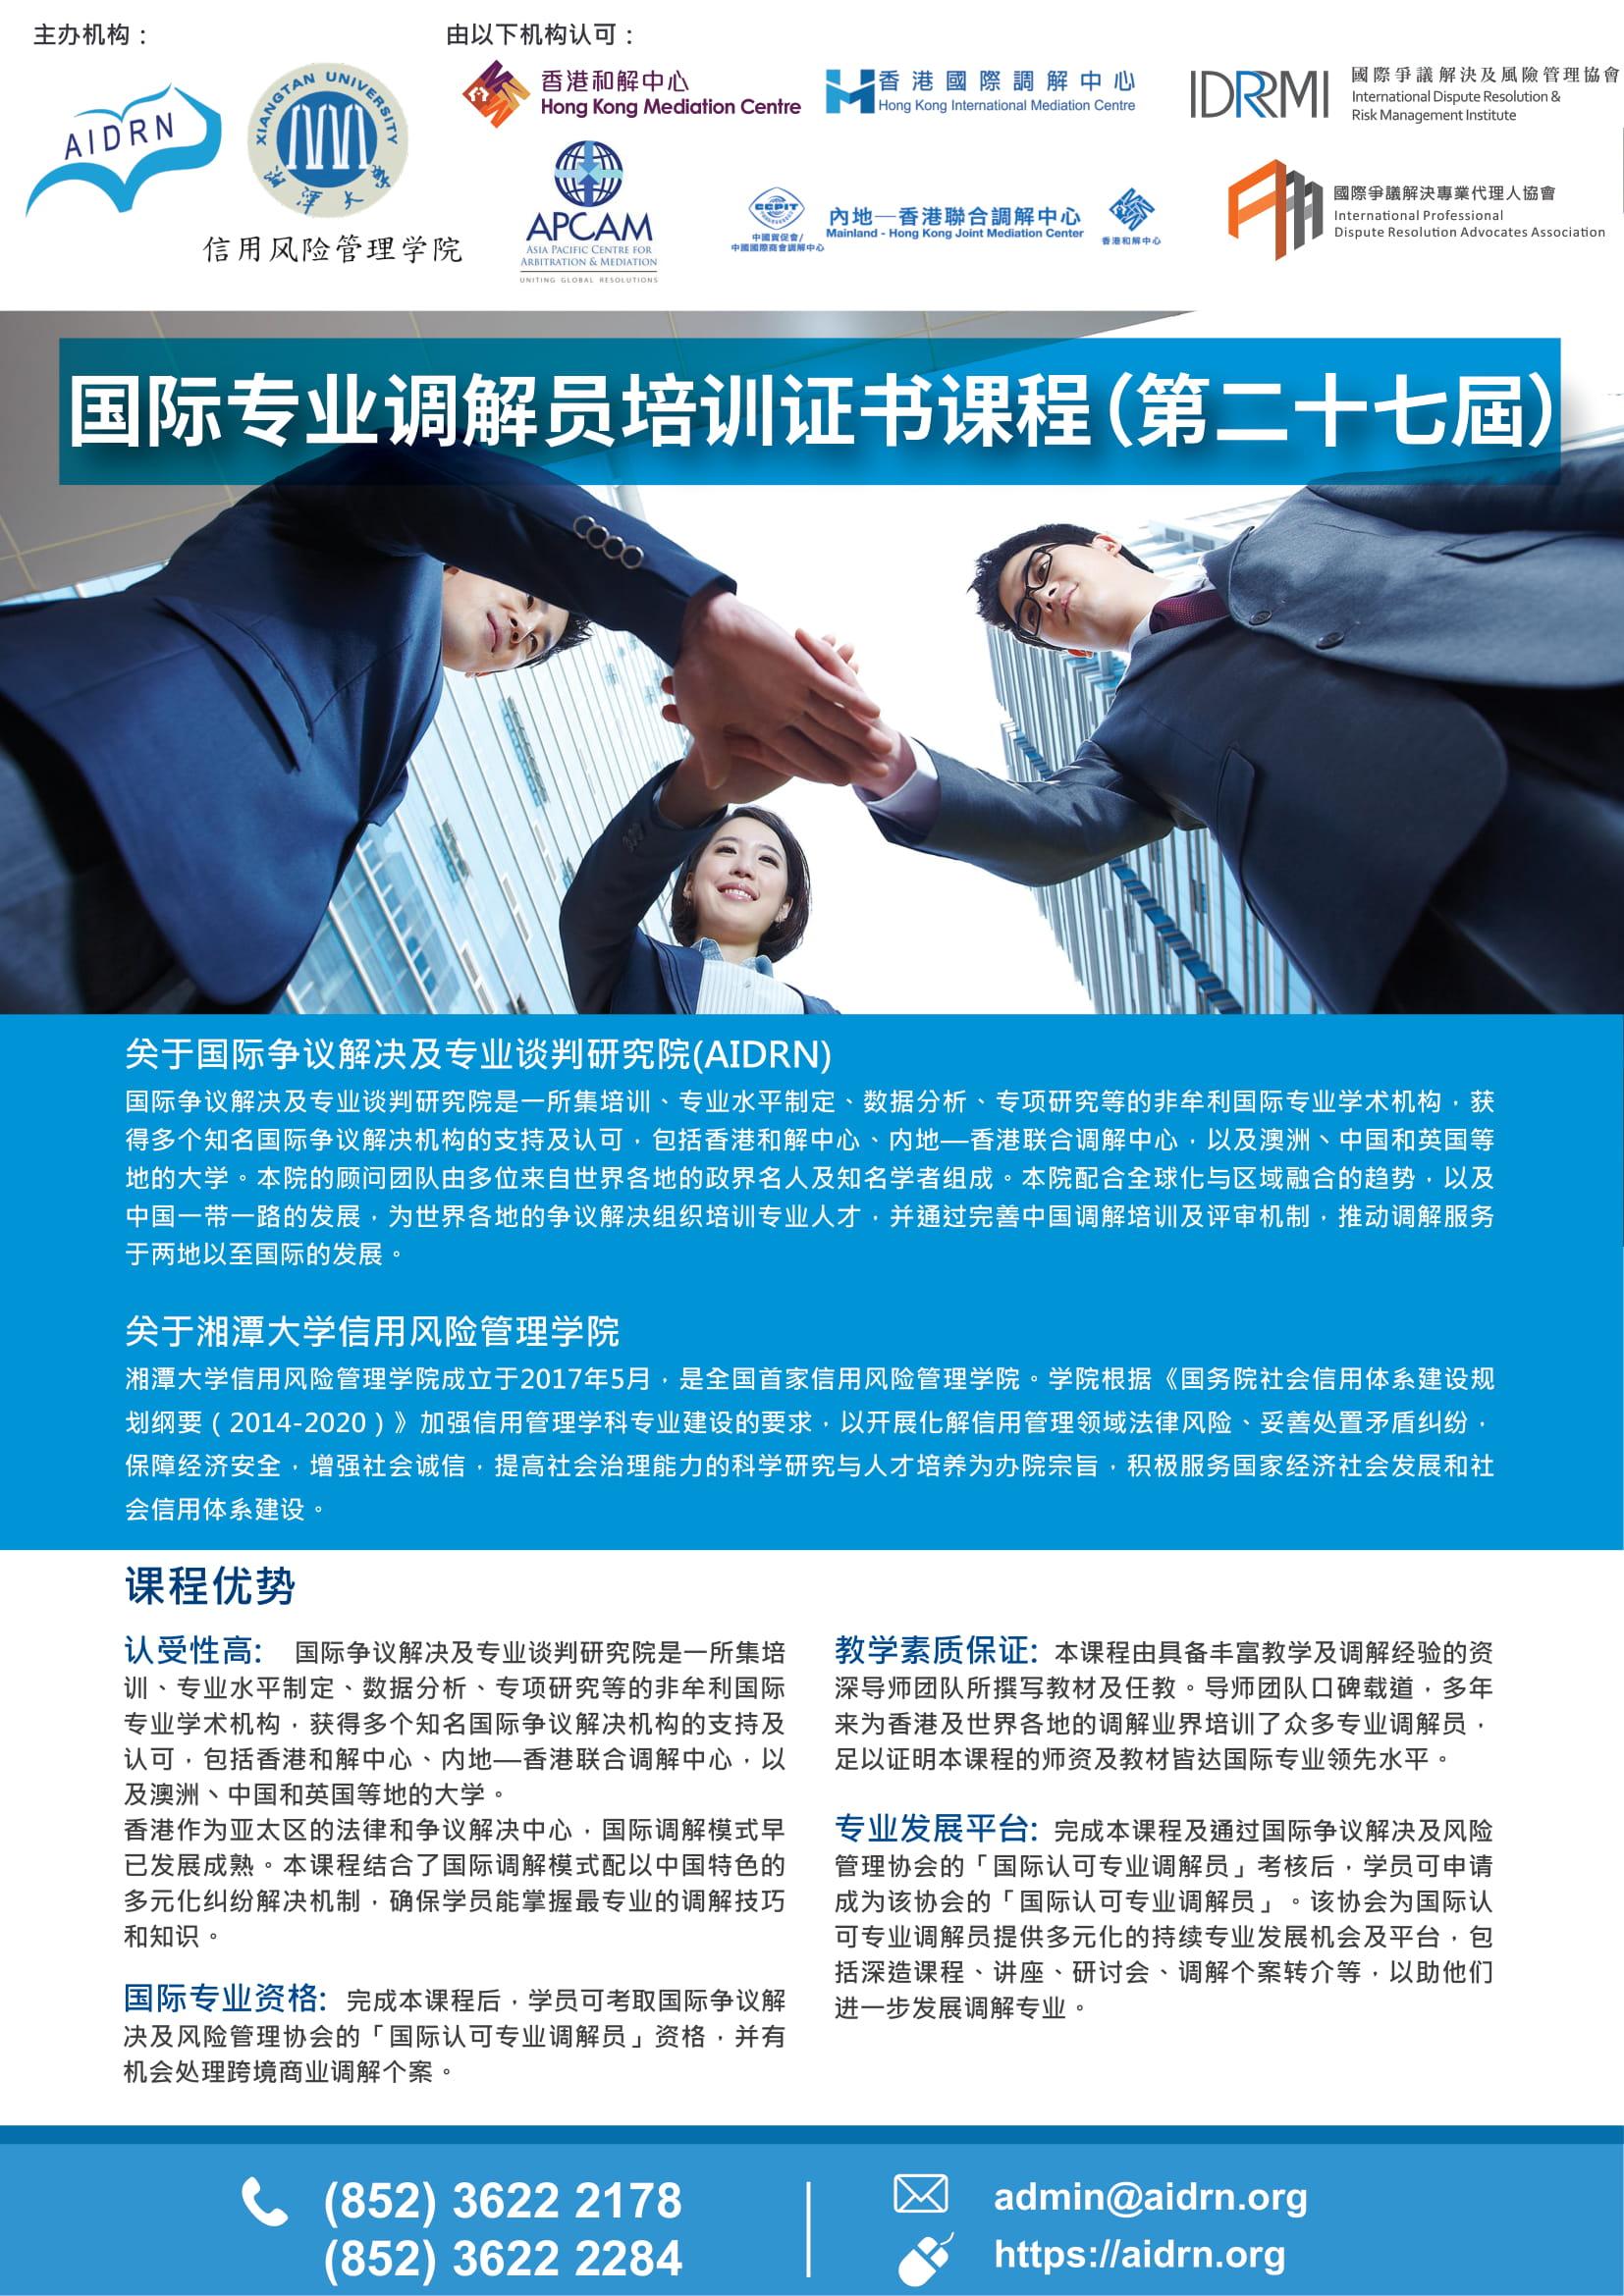 第27届国际专业调解员证书培训课程宣传单张-1